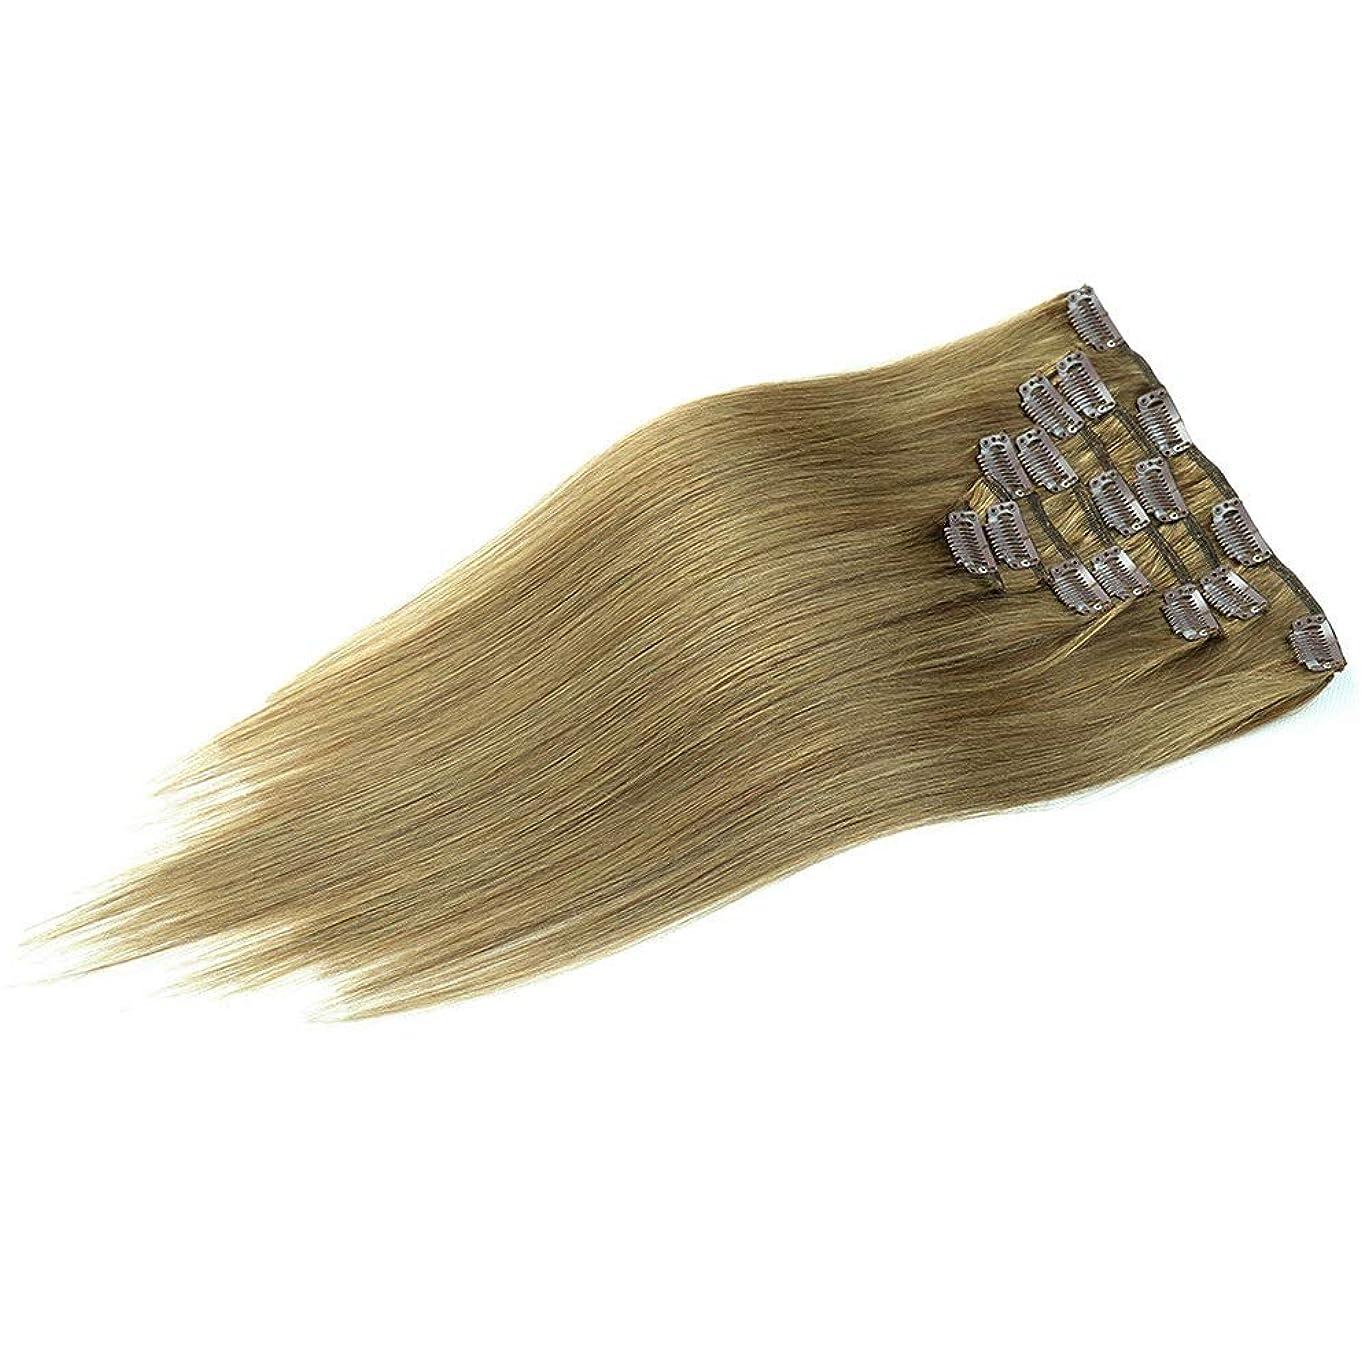 ニンニク財産統計HOHYLLYA ヘアエクステンション22インチクリップin人間の髪の毛#8茶色がかった緑色のフルヘッドダブル横糸ストレートヘアピースロールプレイングかつら女性の自然なかつら (色 : #8 Brownish green)